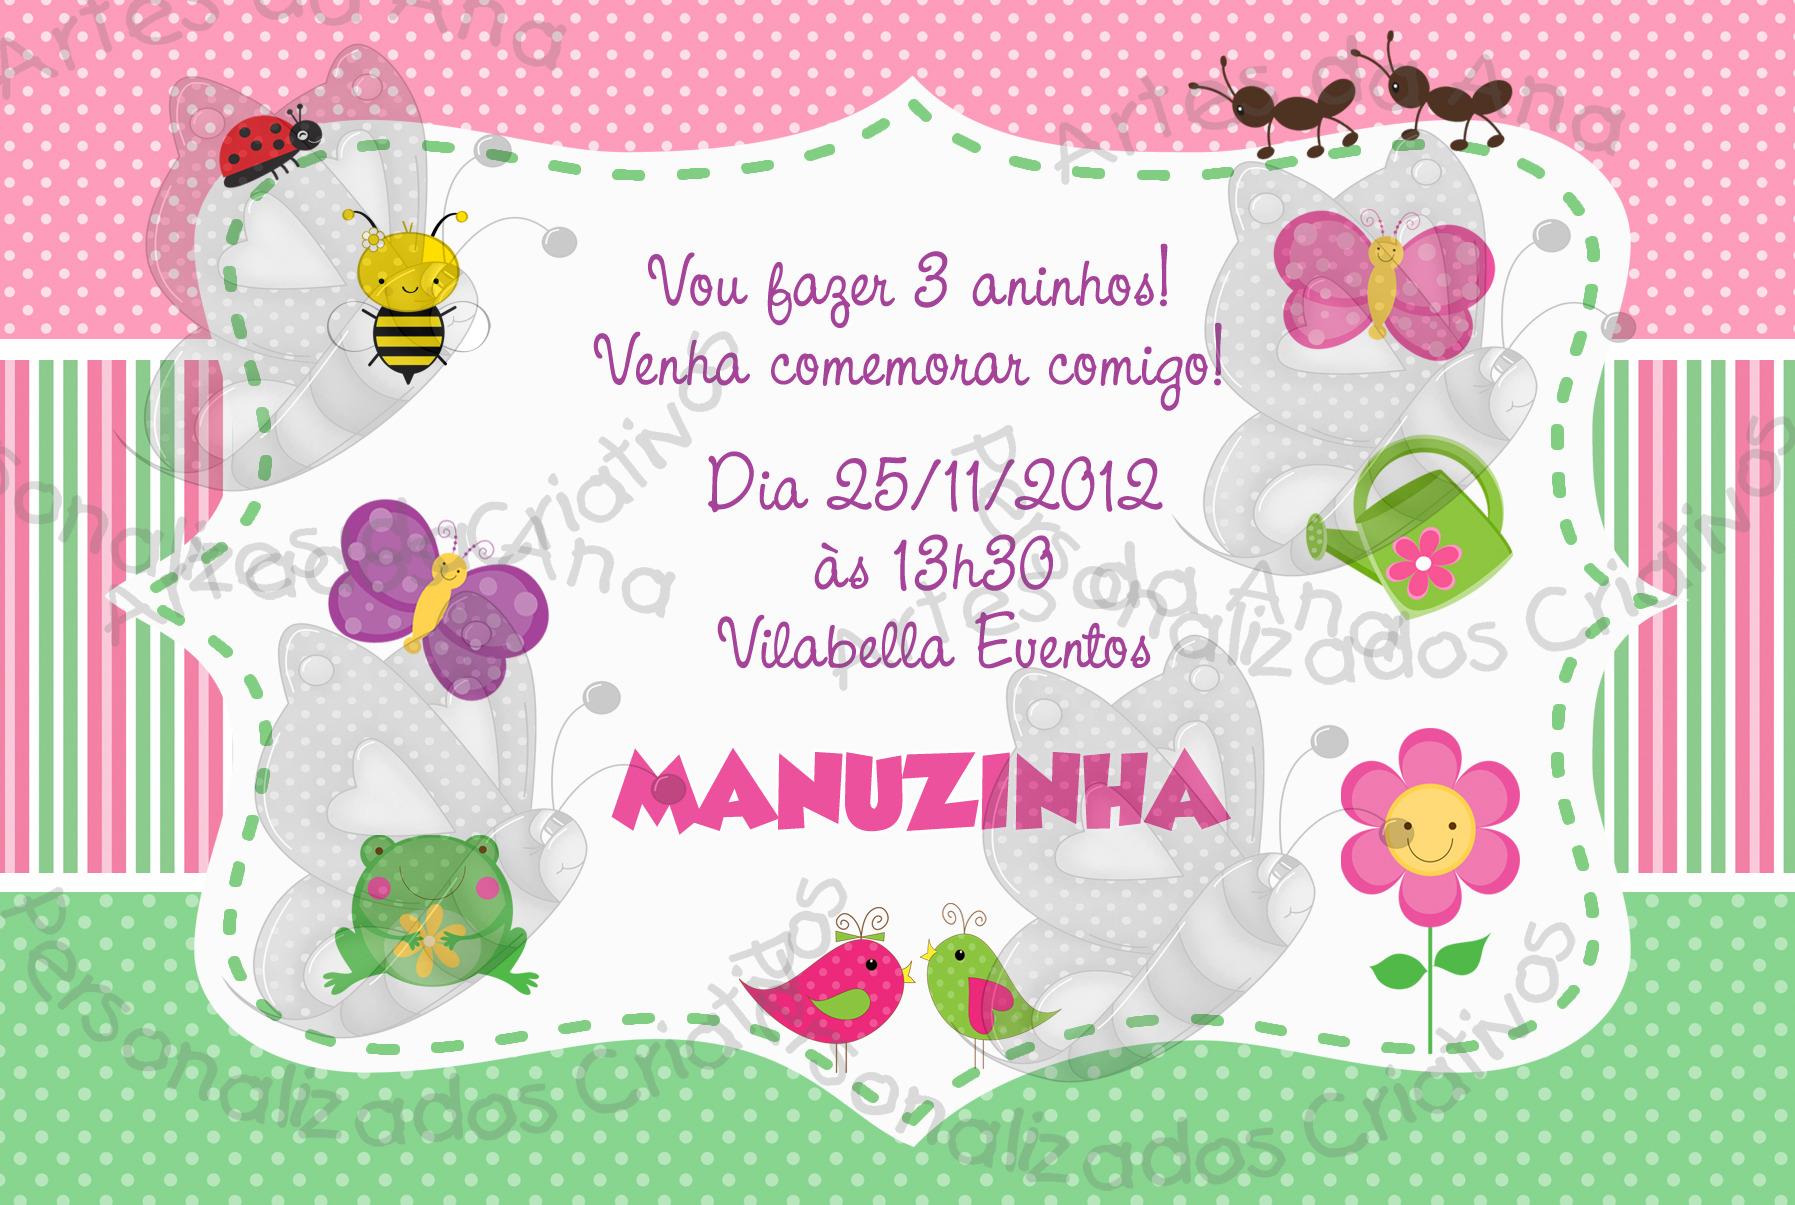 festa jardim convite : festa jardim convite:Convite Jardim Rosa e Verde